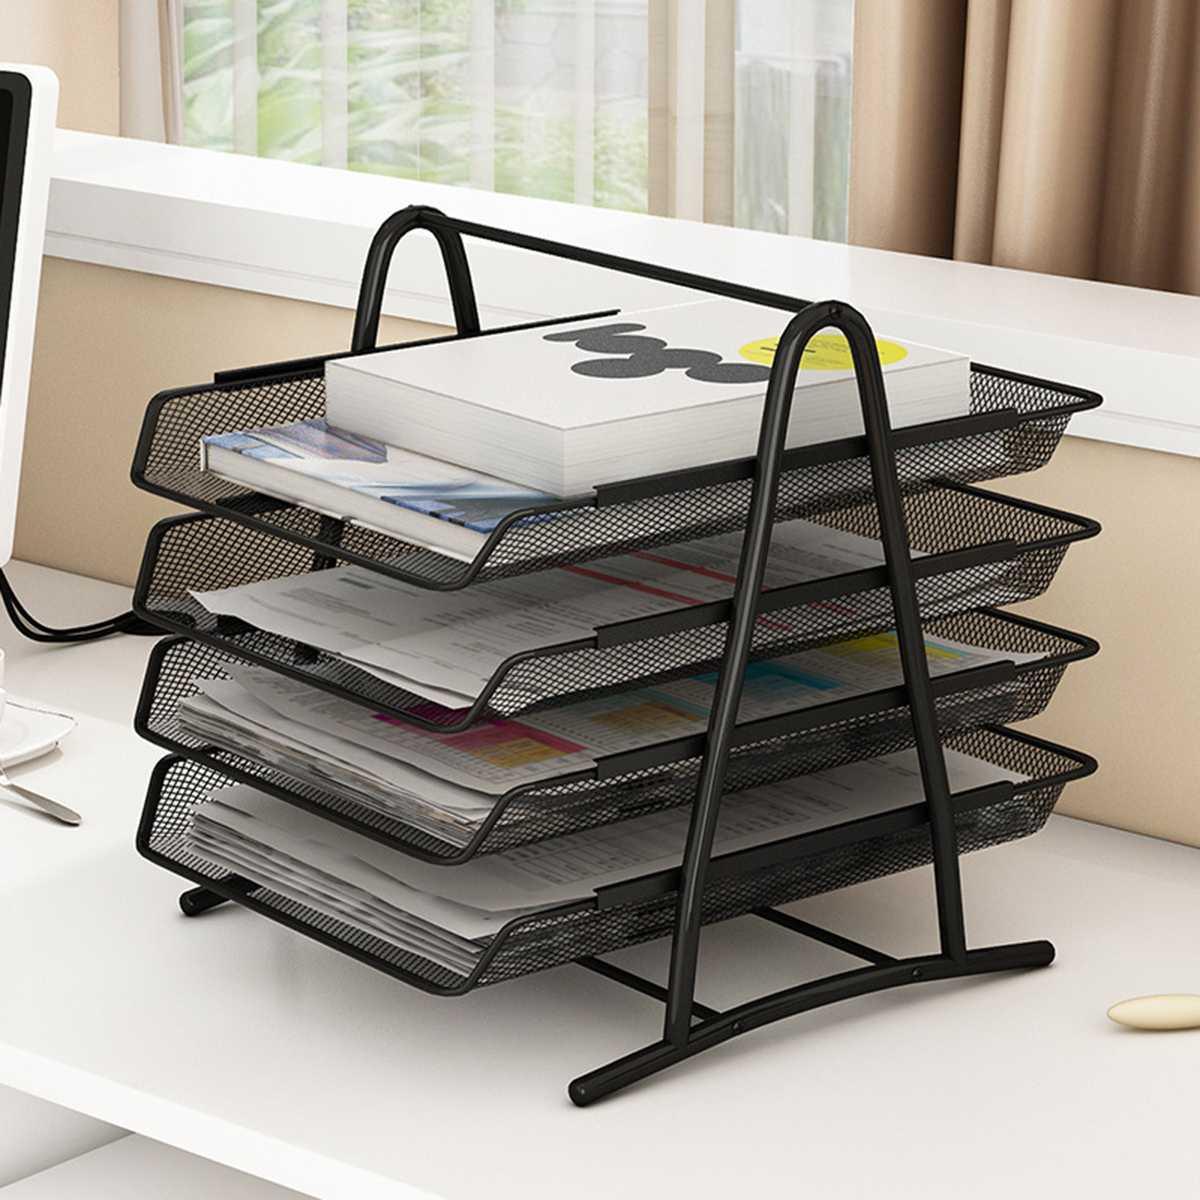 Büro A4 Papier Organizer Dokument Datei Brief Buch Broschüre Füllung Tablett Rack Regal Träger Metall Draht Mesh Lagerung Halter Neue